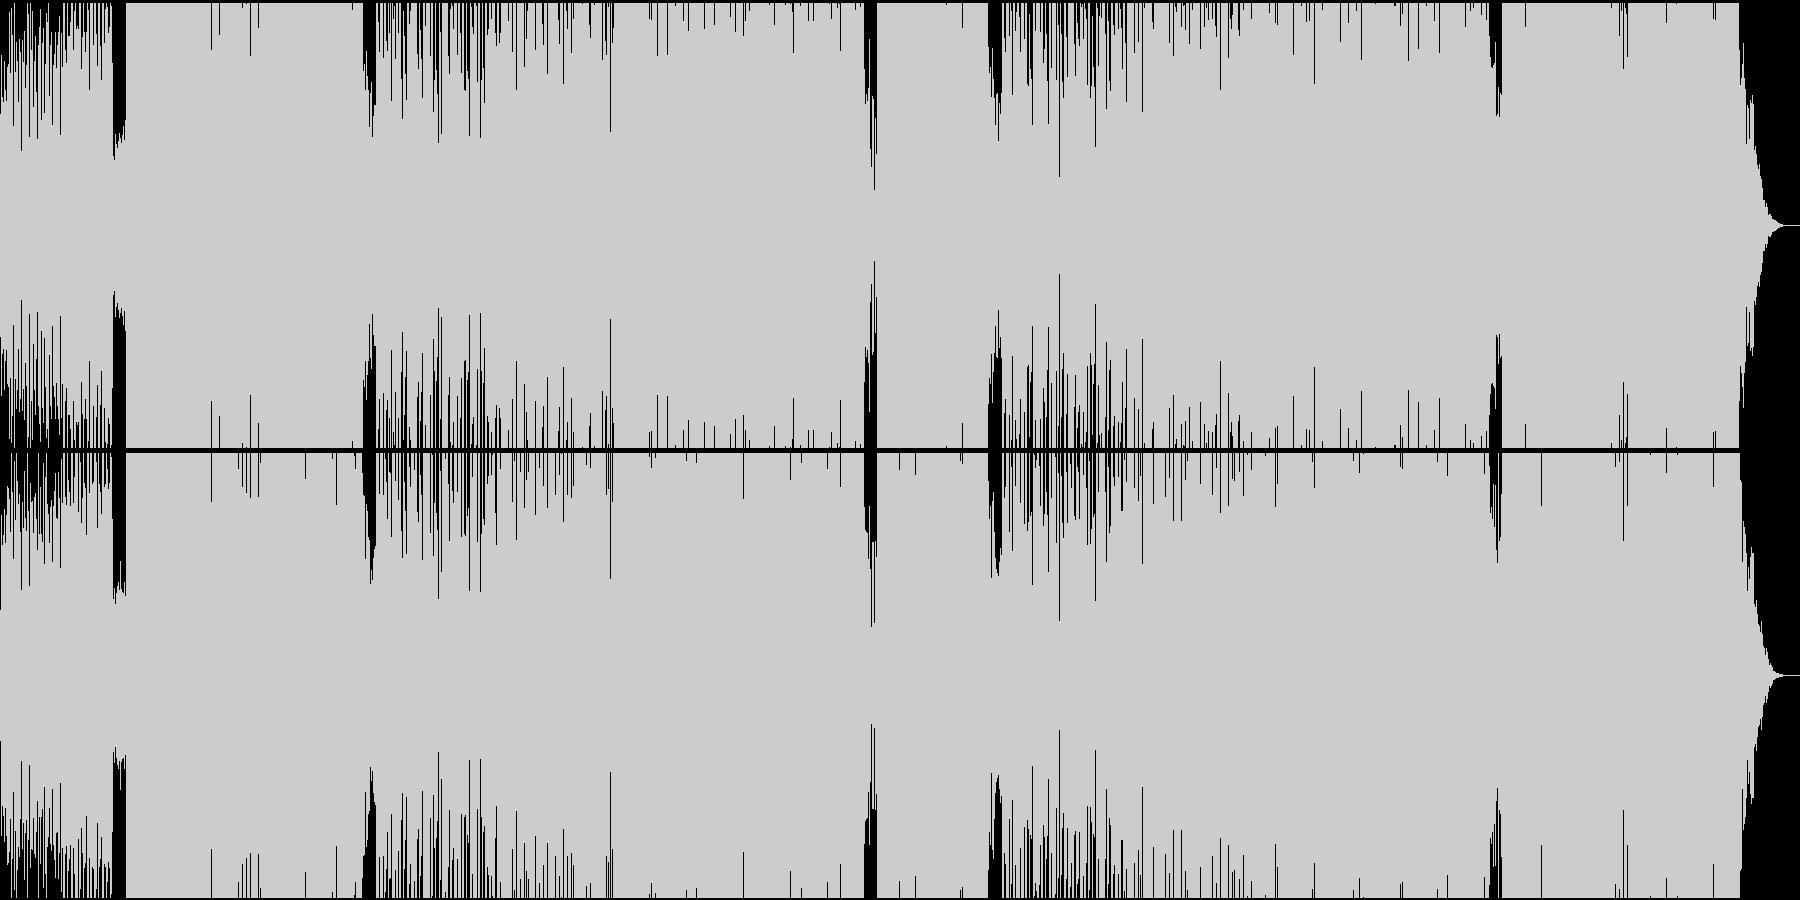 ほのぼのとした70'ダンスポップなEDMの未再生の波形